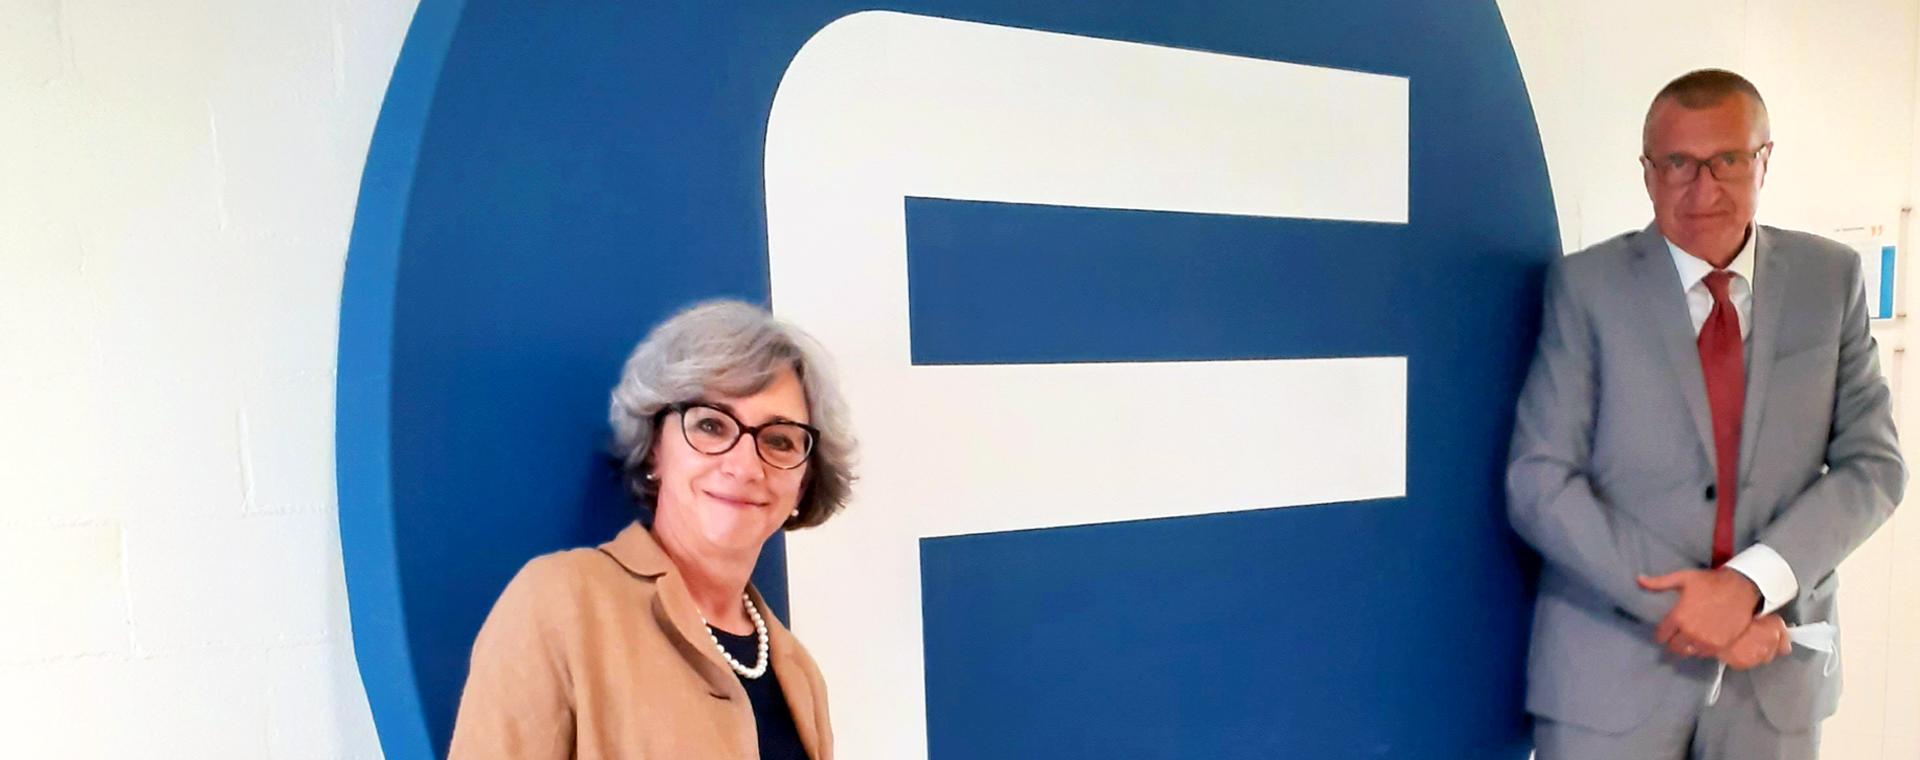 La presidente di Area Science Park visita Friuli Innovazione